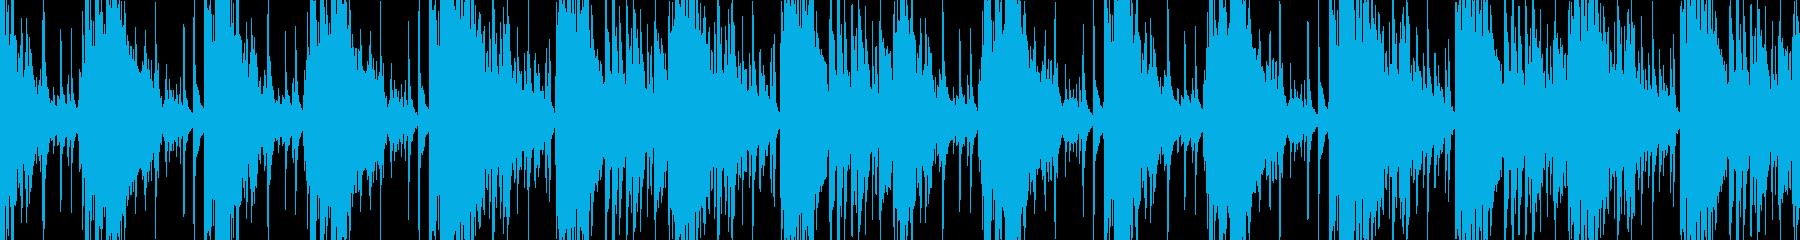 緊迫した状況に適した金属的なBGMの再生済みの波形